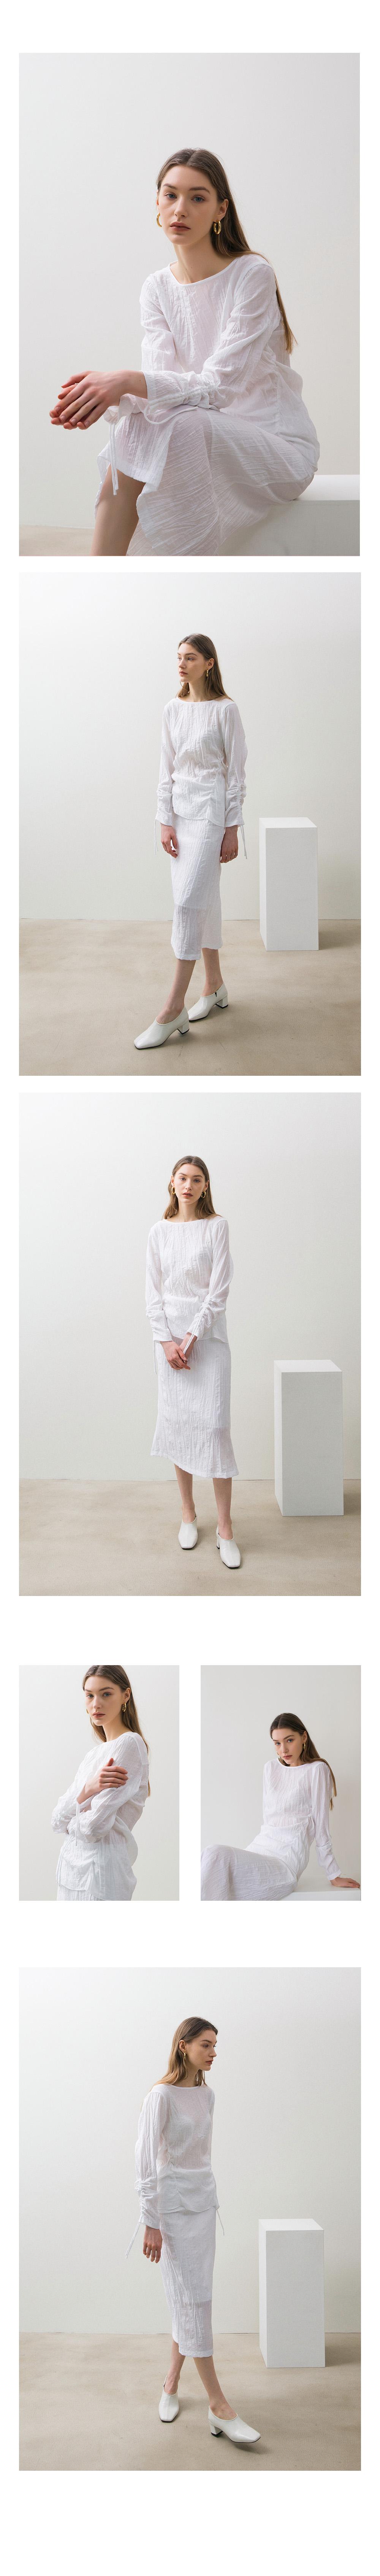 논로컬(NONLOCAL) Wave Shirring Skirts - White